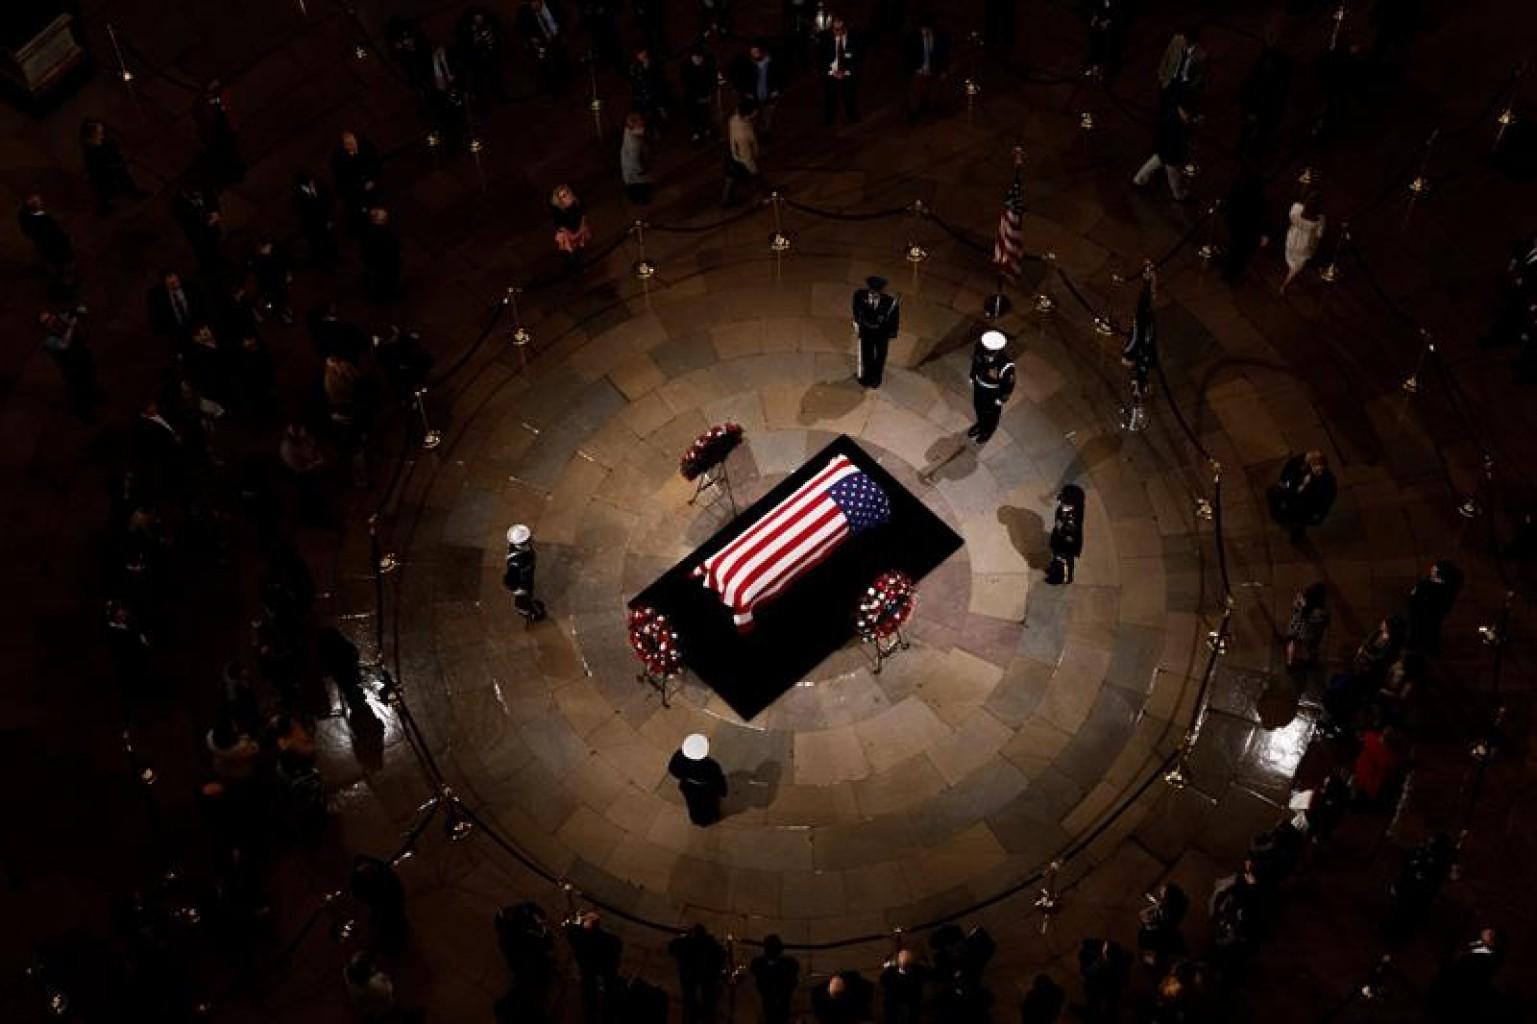 """El país despide a Bush,  el líder que halló """"el espacio común"""" que ahora falta"""